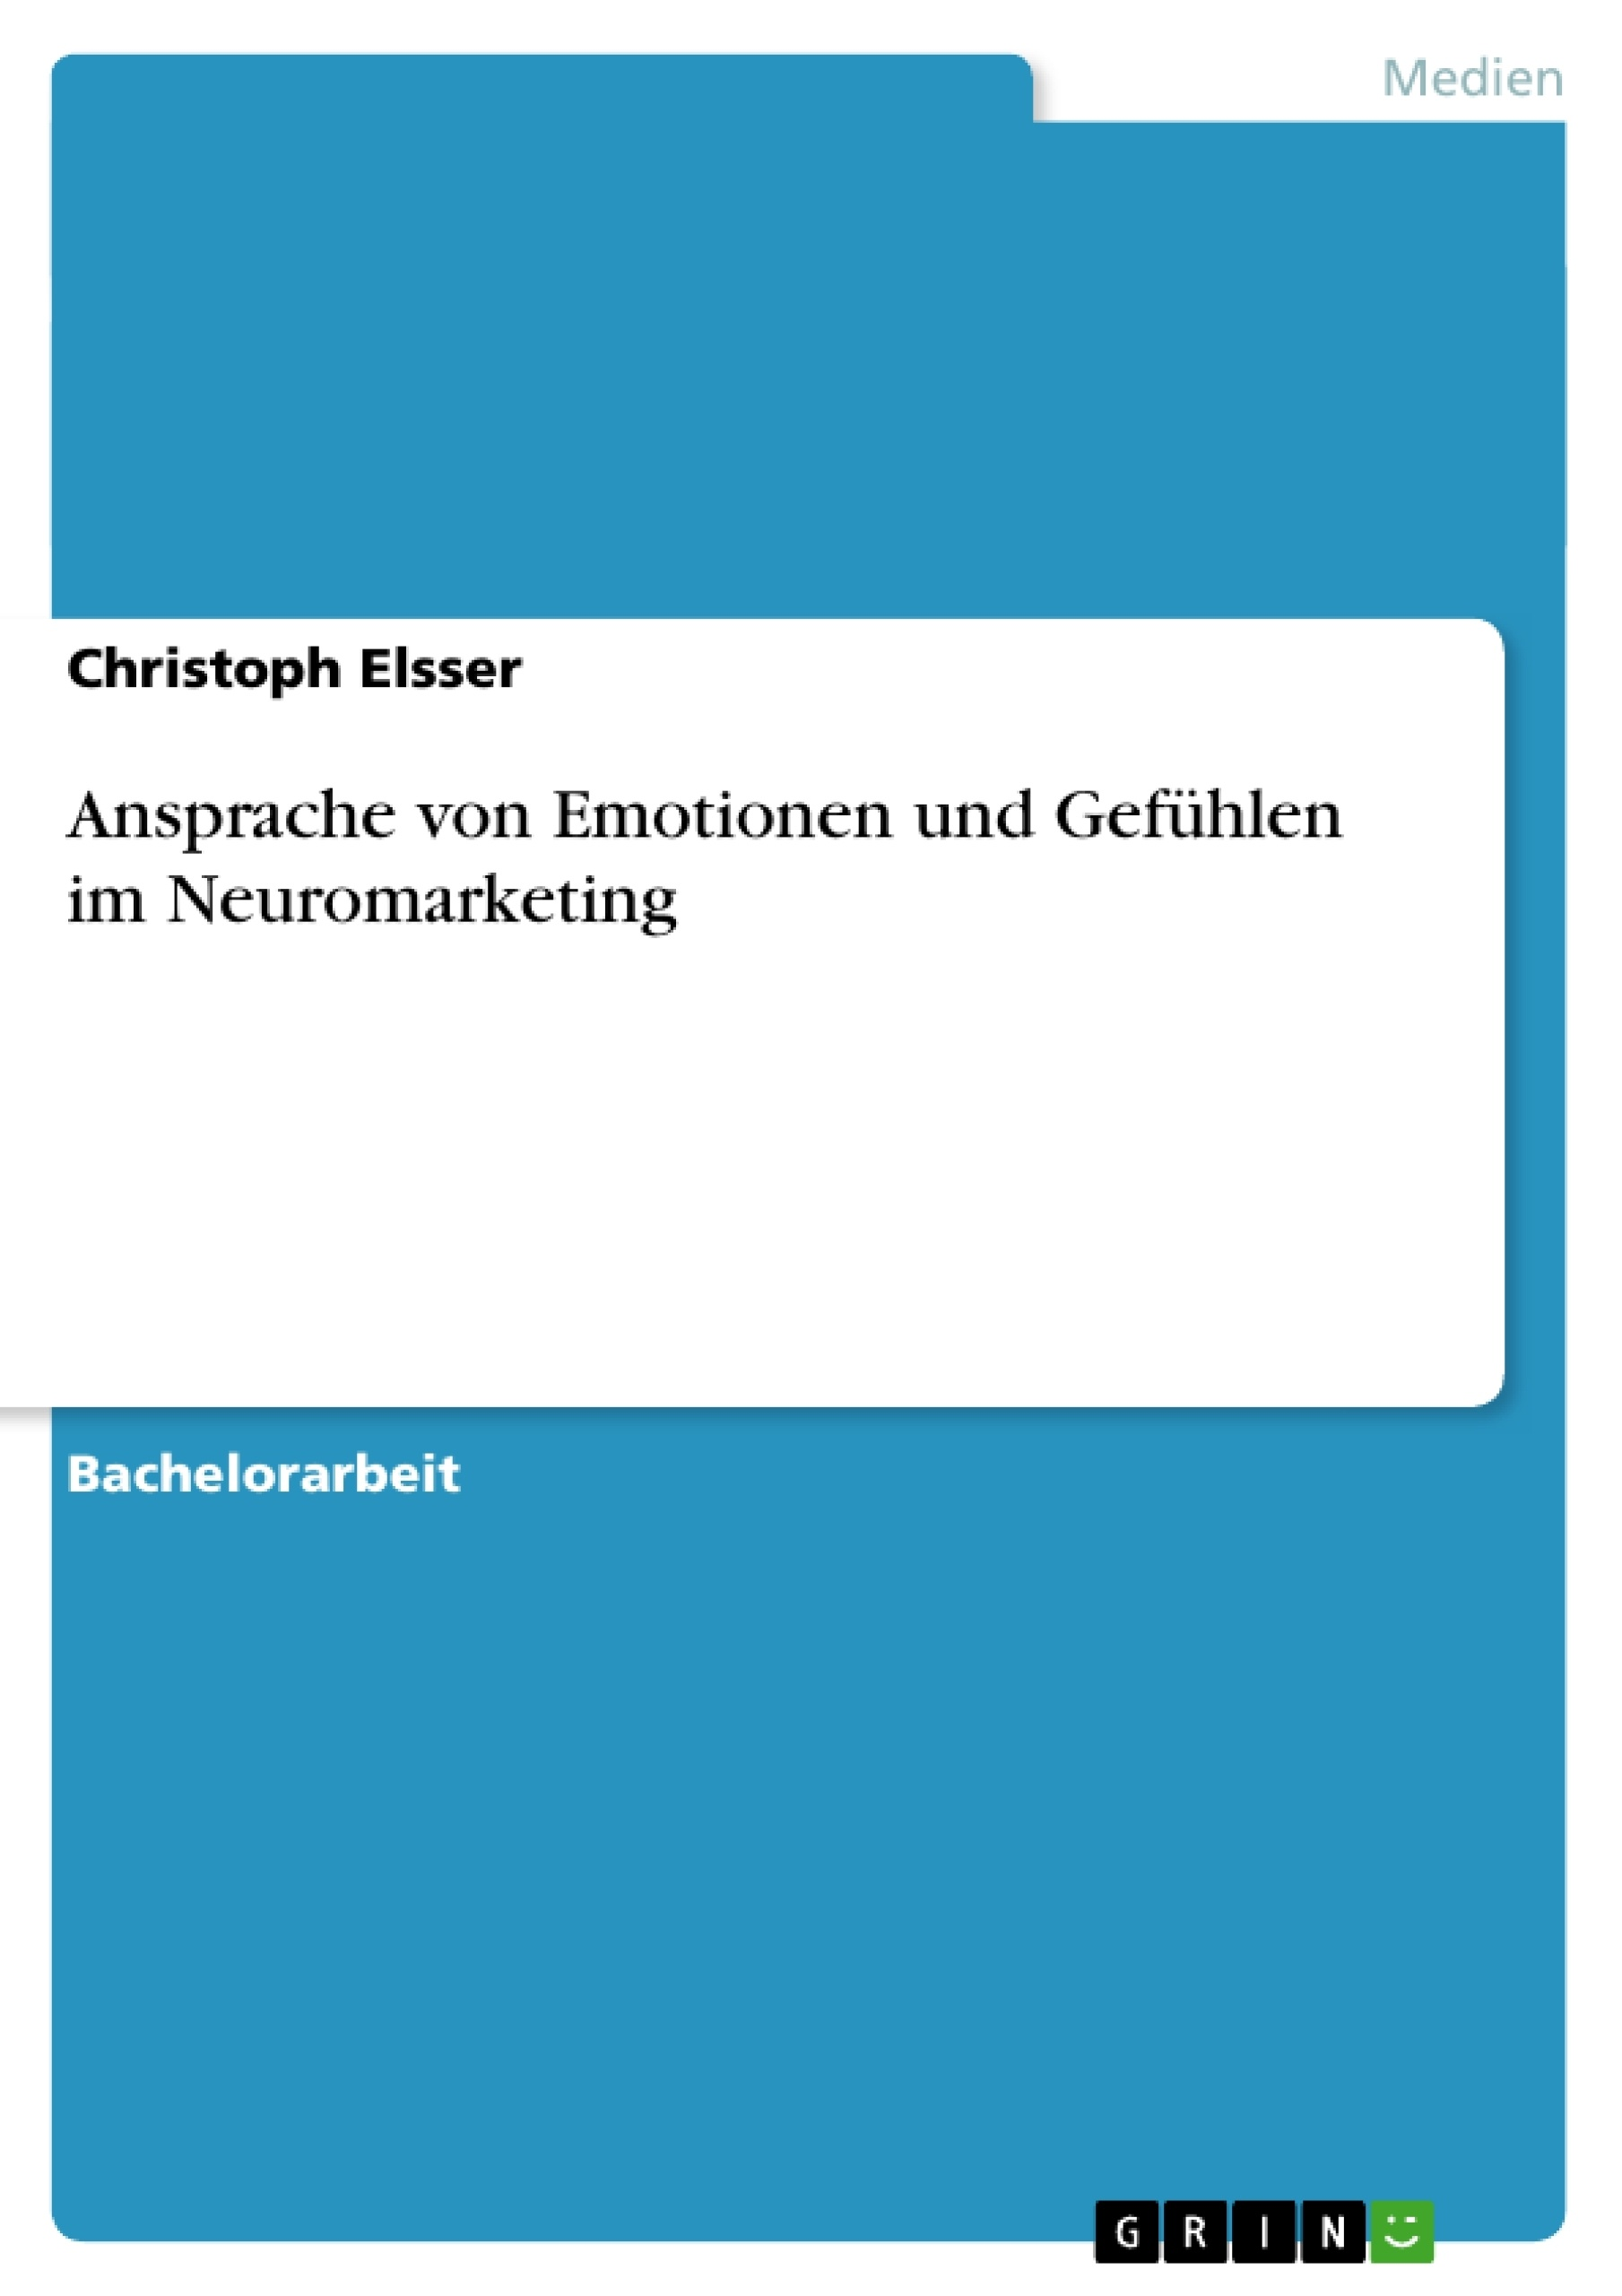 Titel: Ansprache von Emotionen und Gefühlen im Neuromarketing